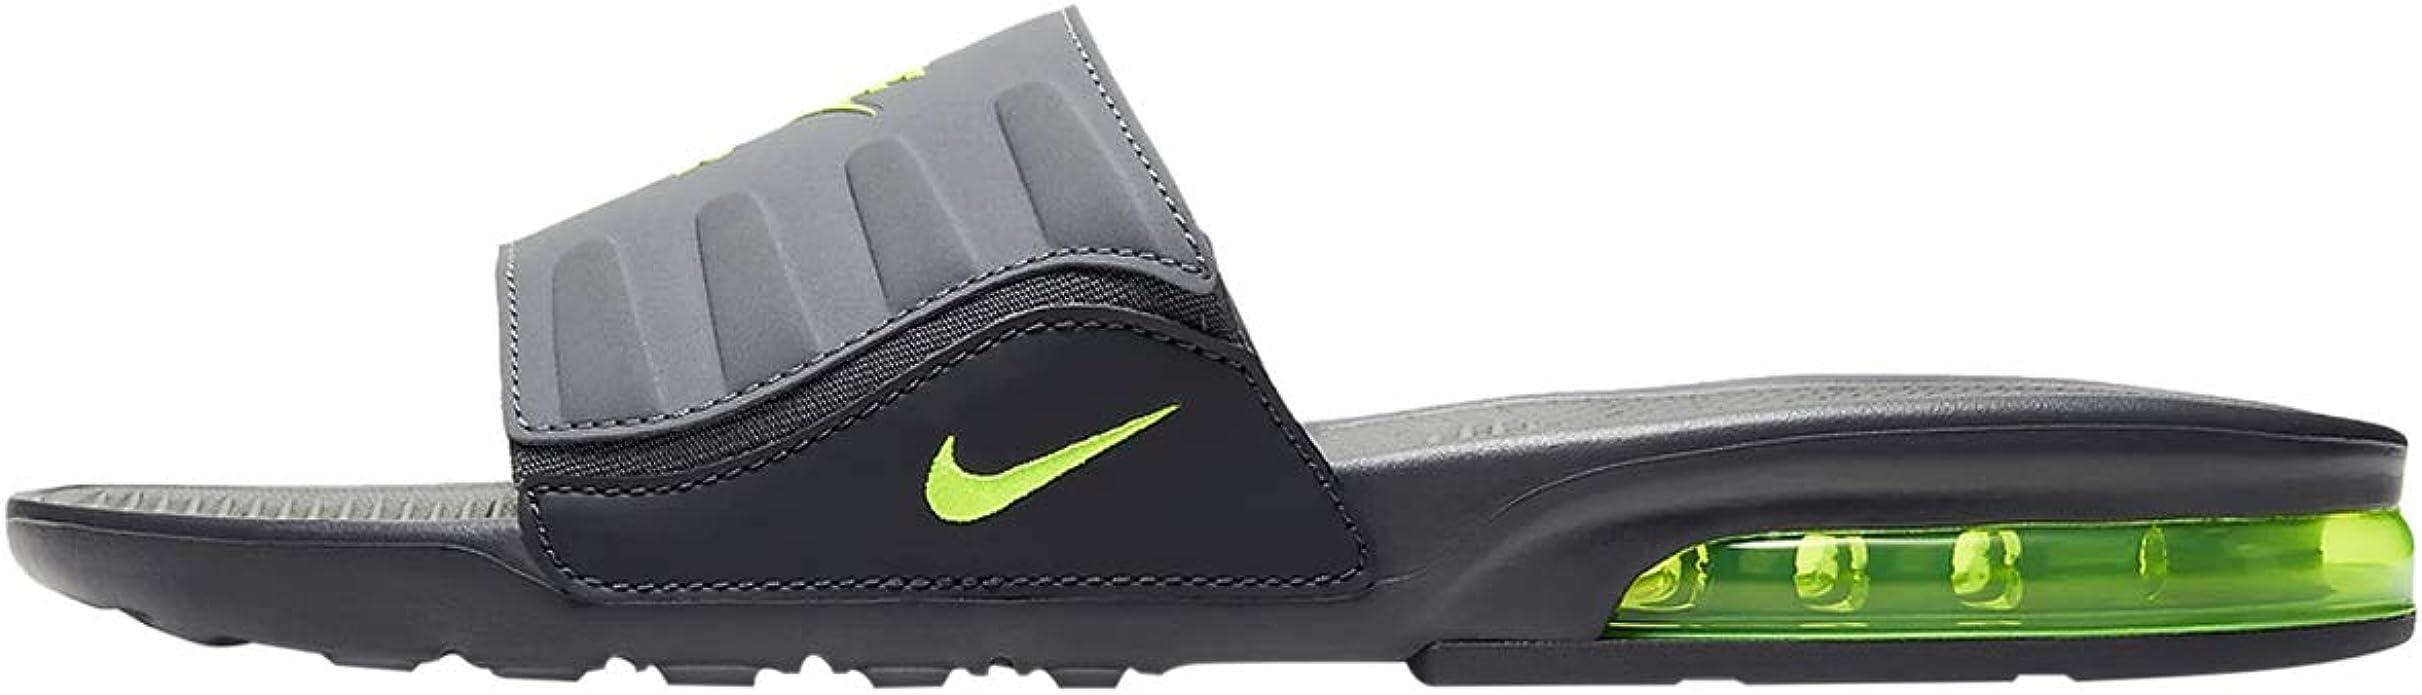 Nike mens BQ4626-001 Nike Men's Air Max